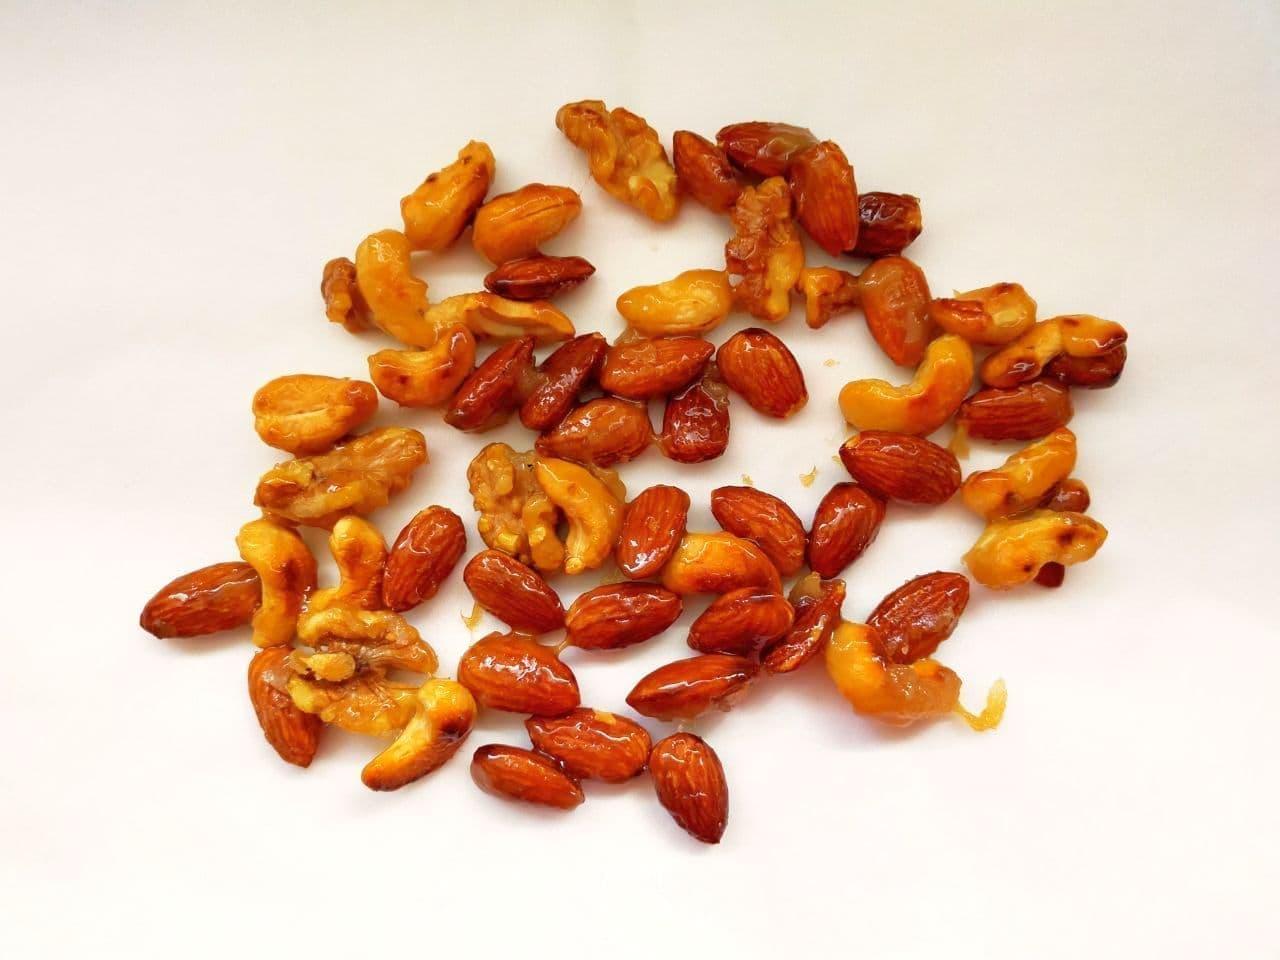 カラメルナッツの簡単レシピ